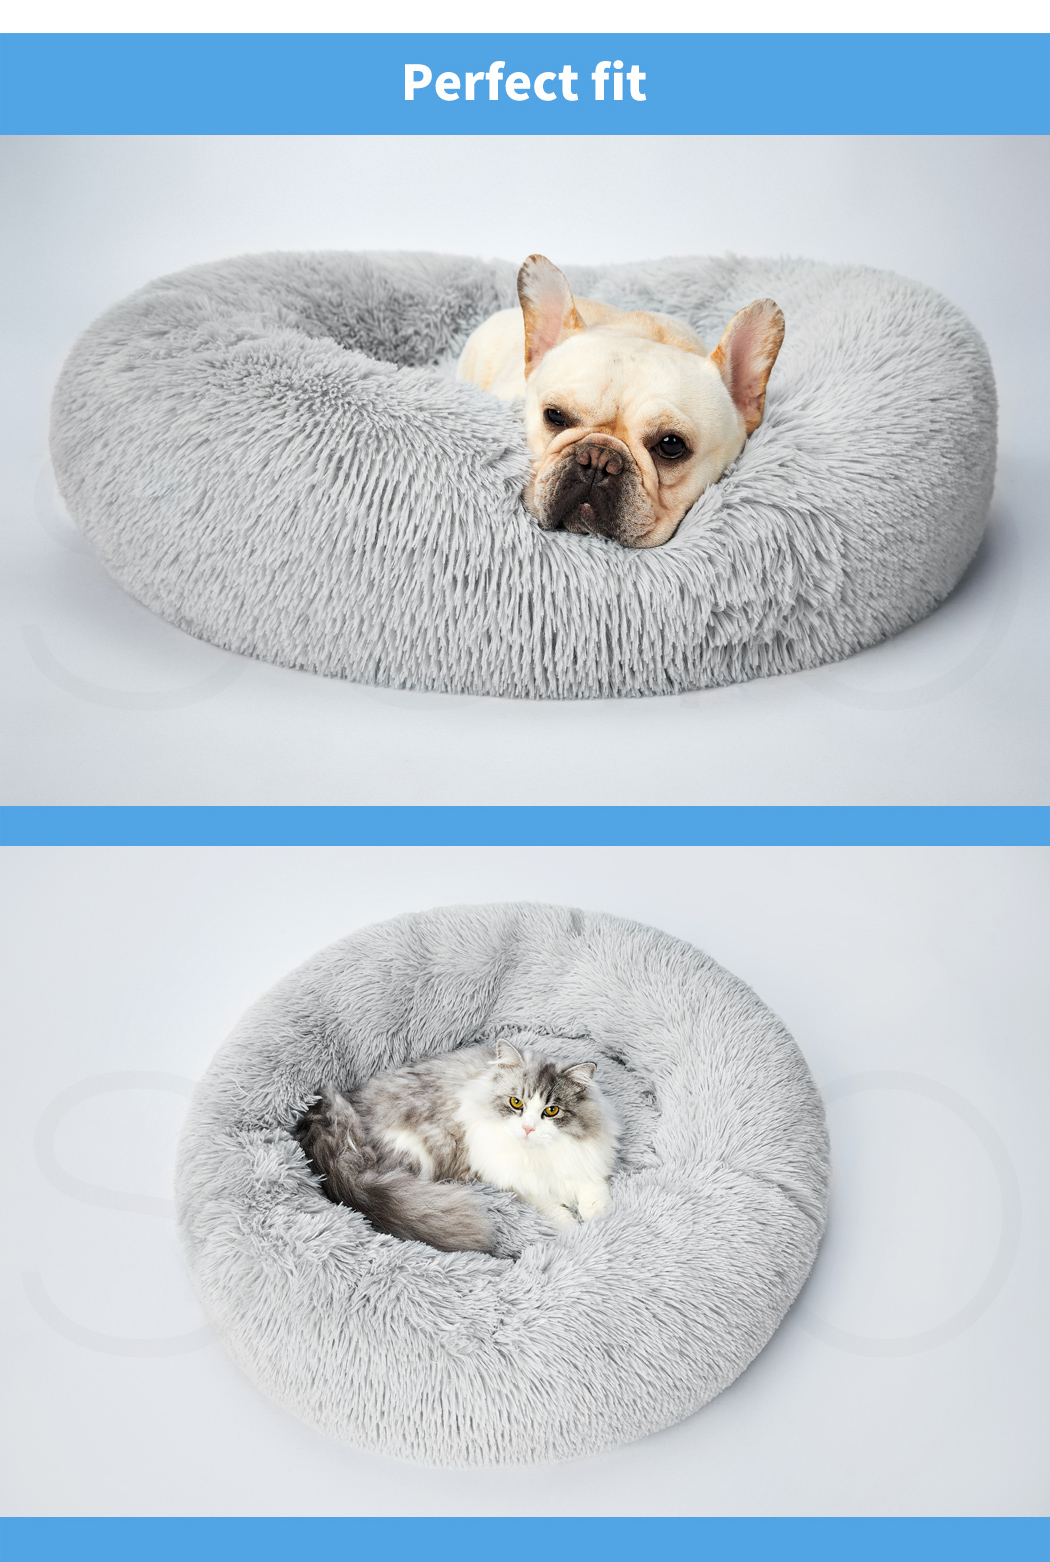 thumbnail 129 - PaWz Pet Bed Cat Dog Donut Nest Calming Mat Soft Plush Kennel Cave Deep Sleeping